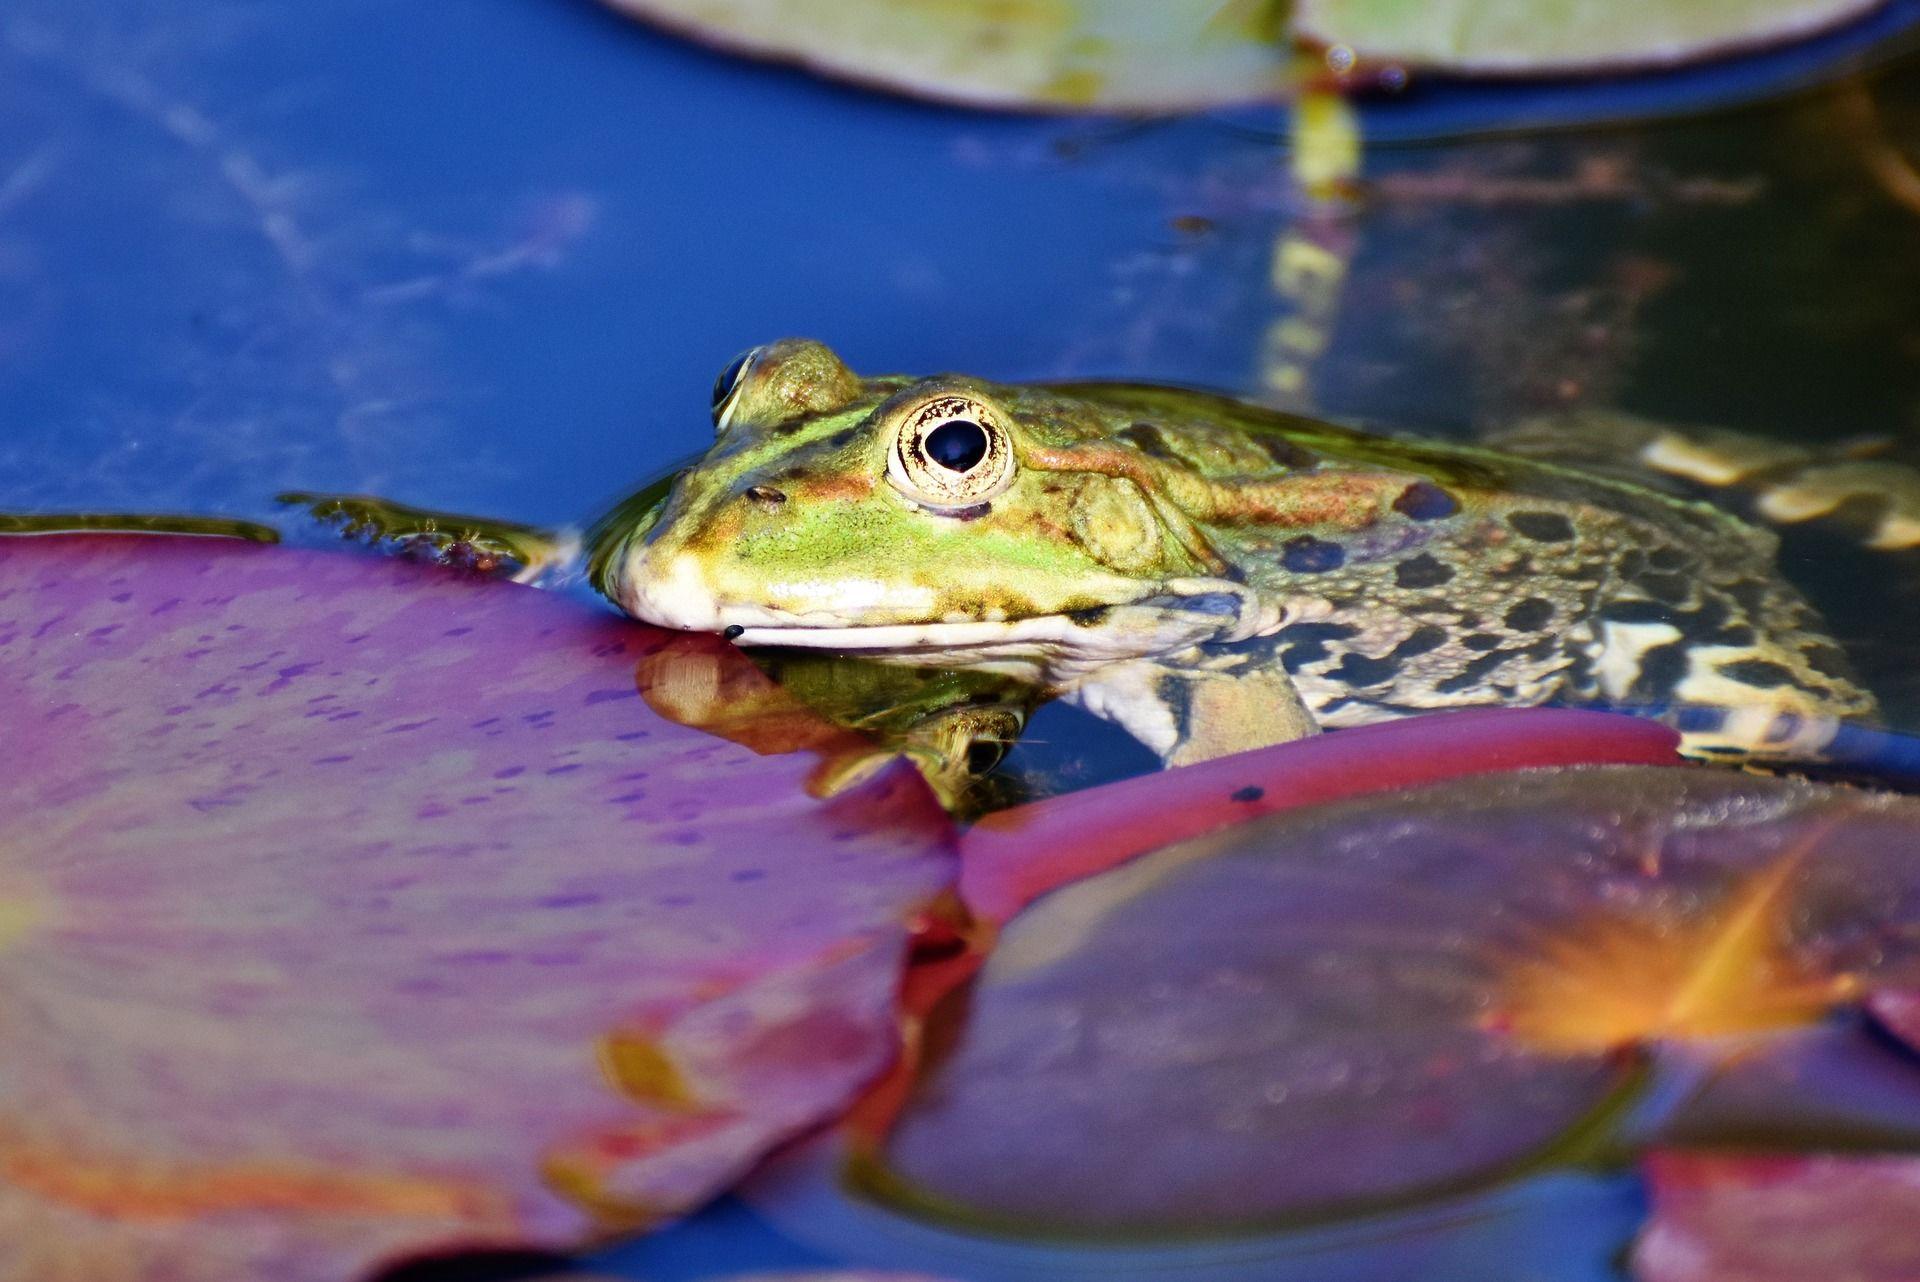 Смотреть бесплатно интересную картинку про жабу на природе